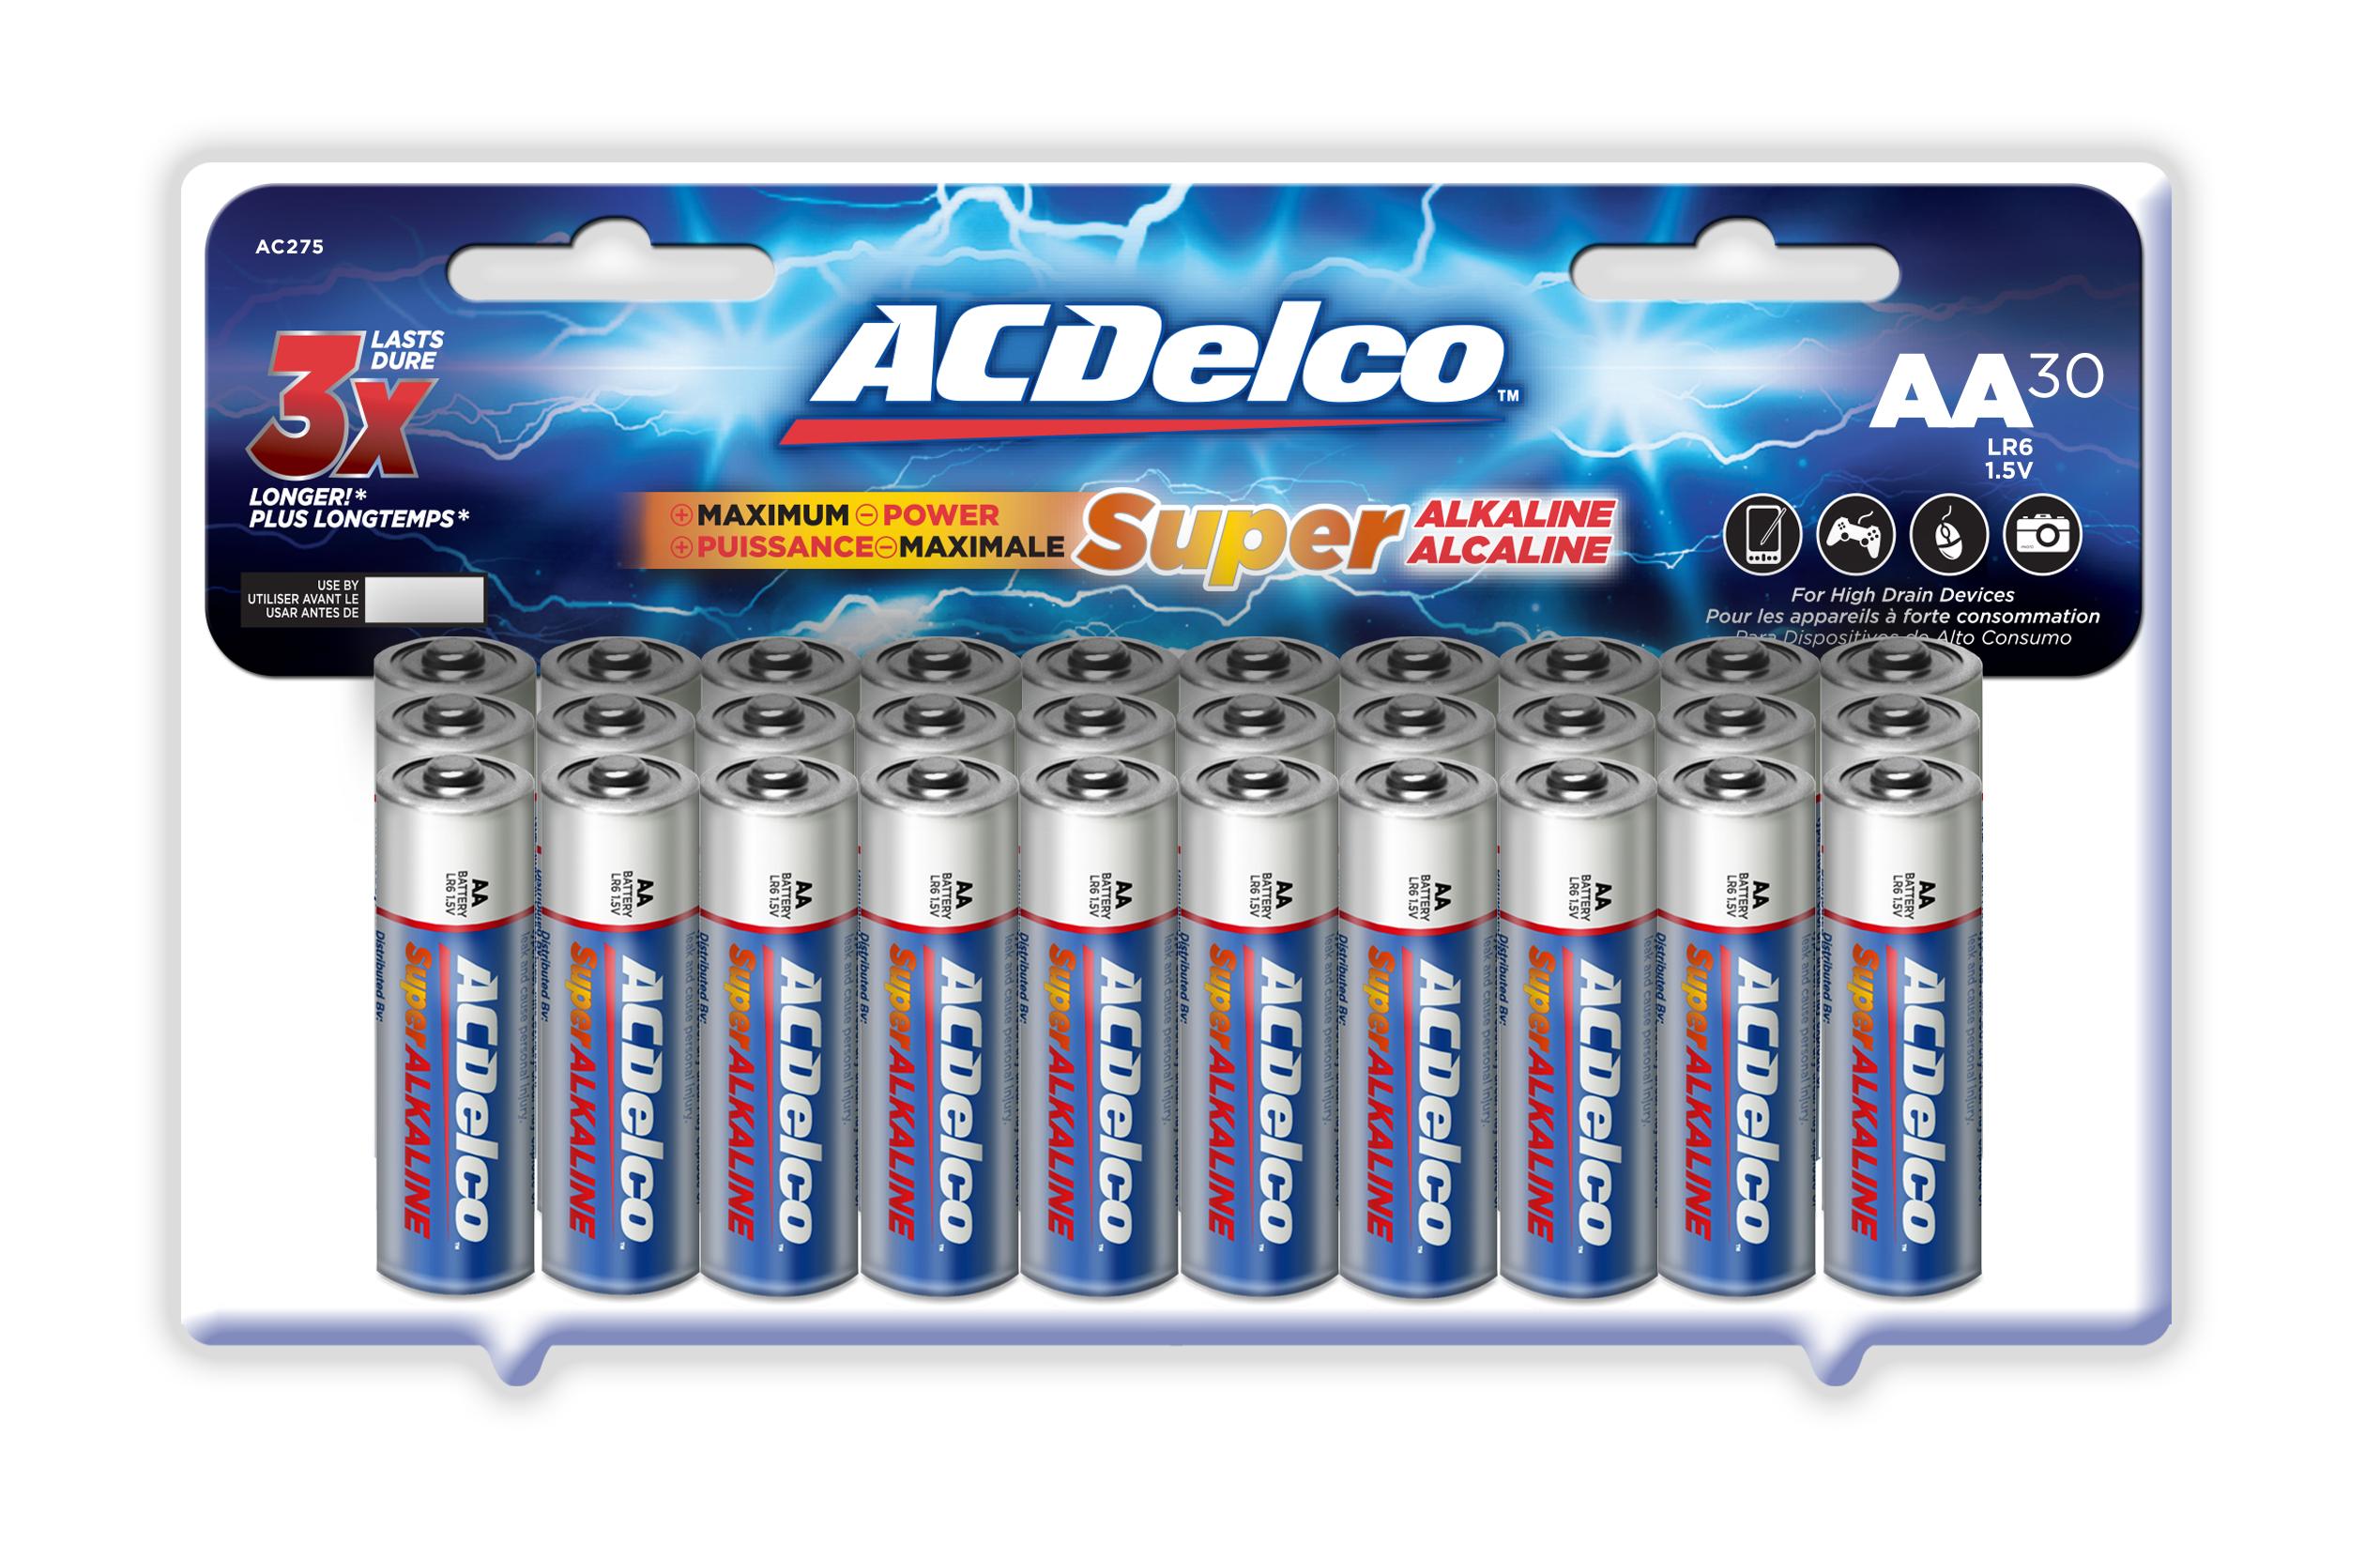 AC Delco AC271